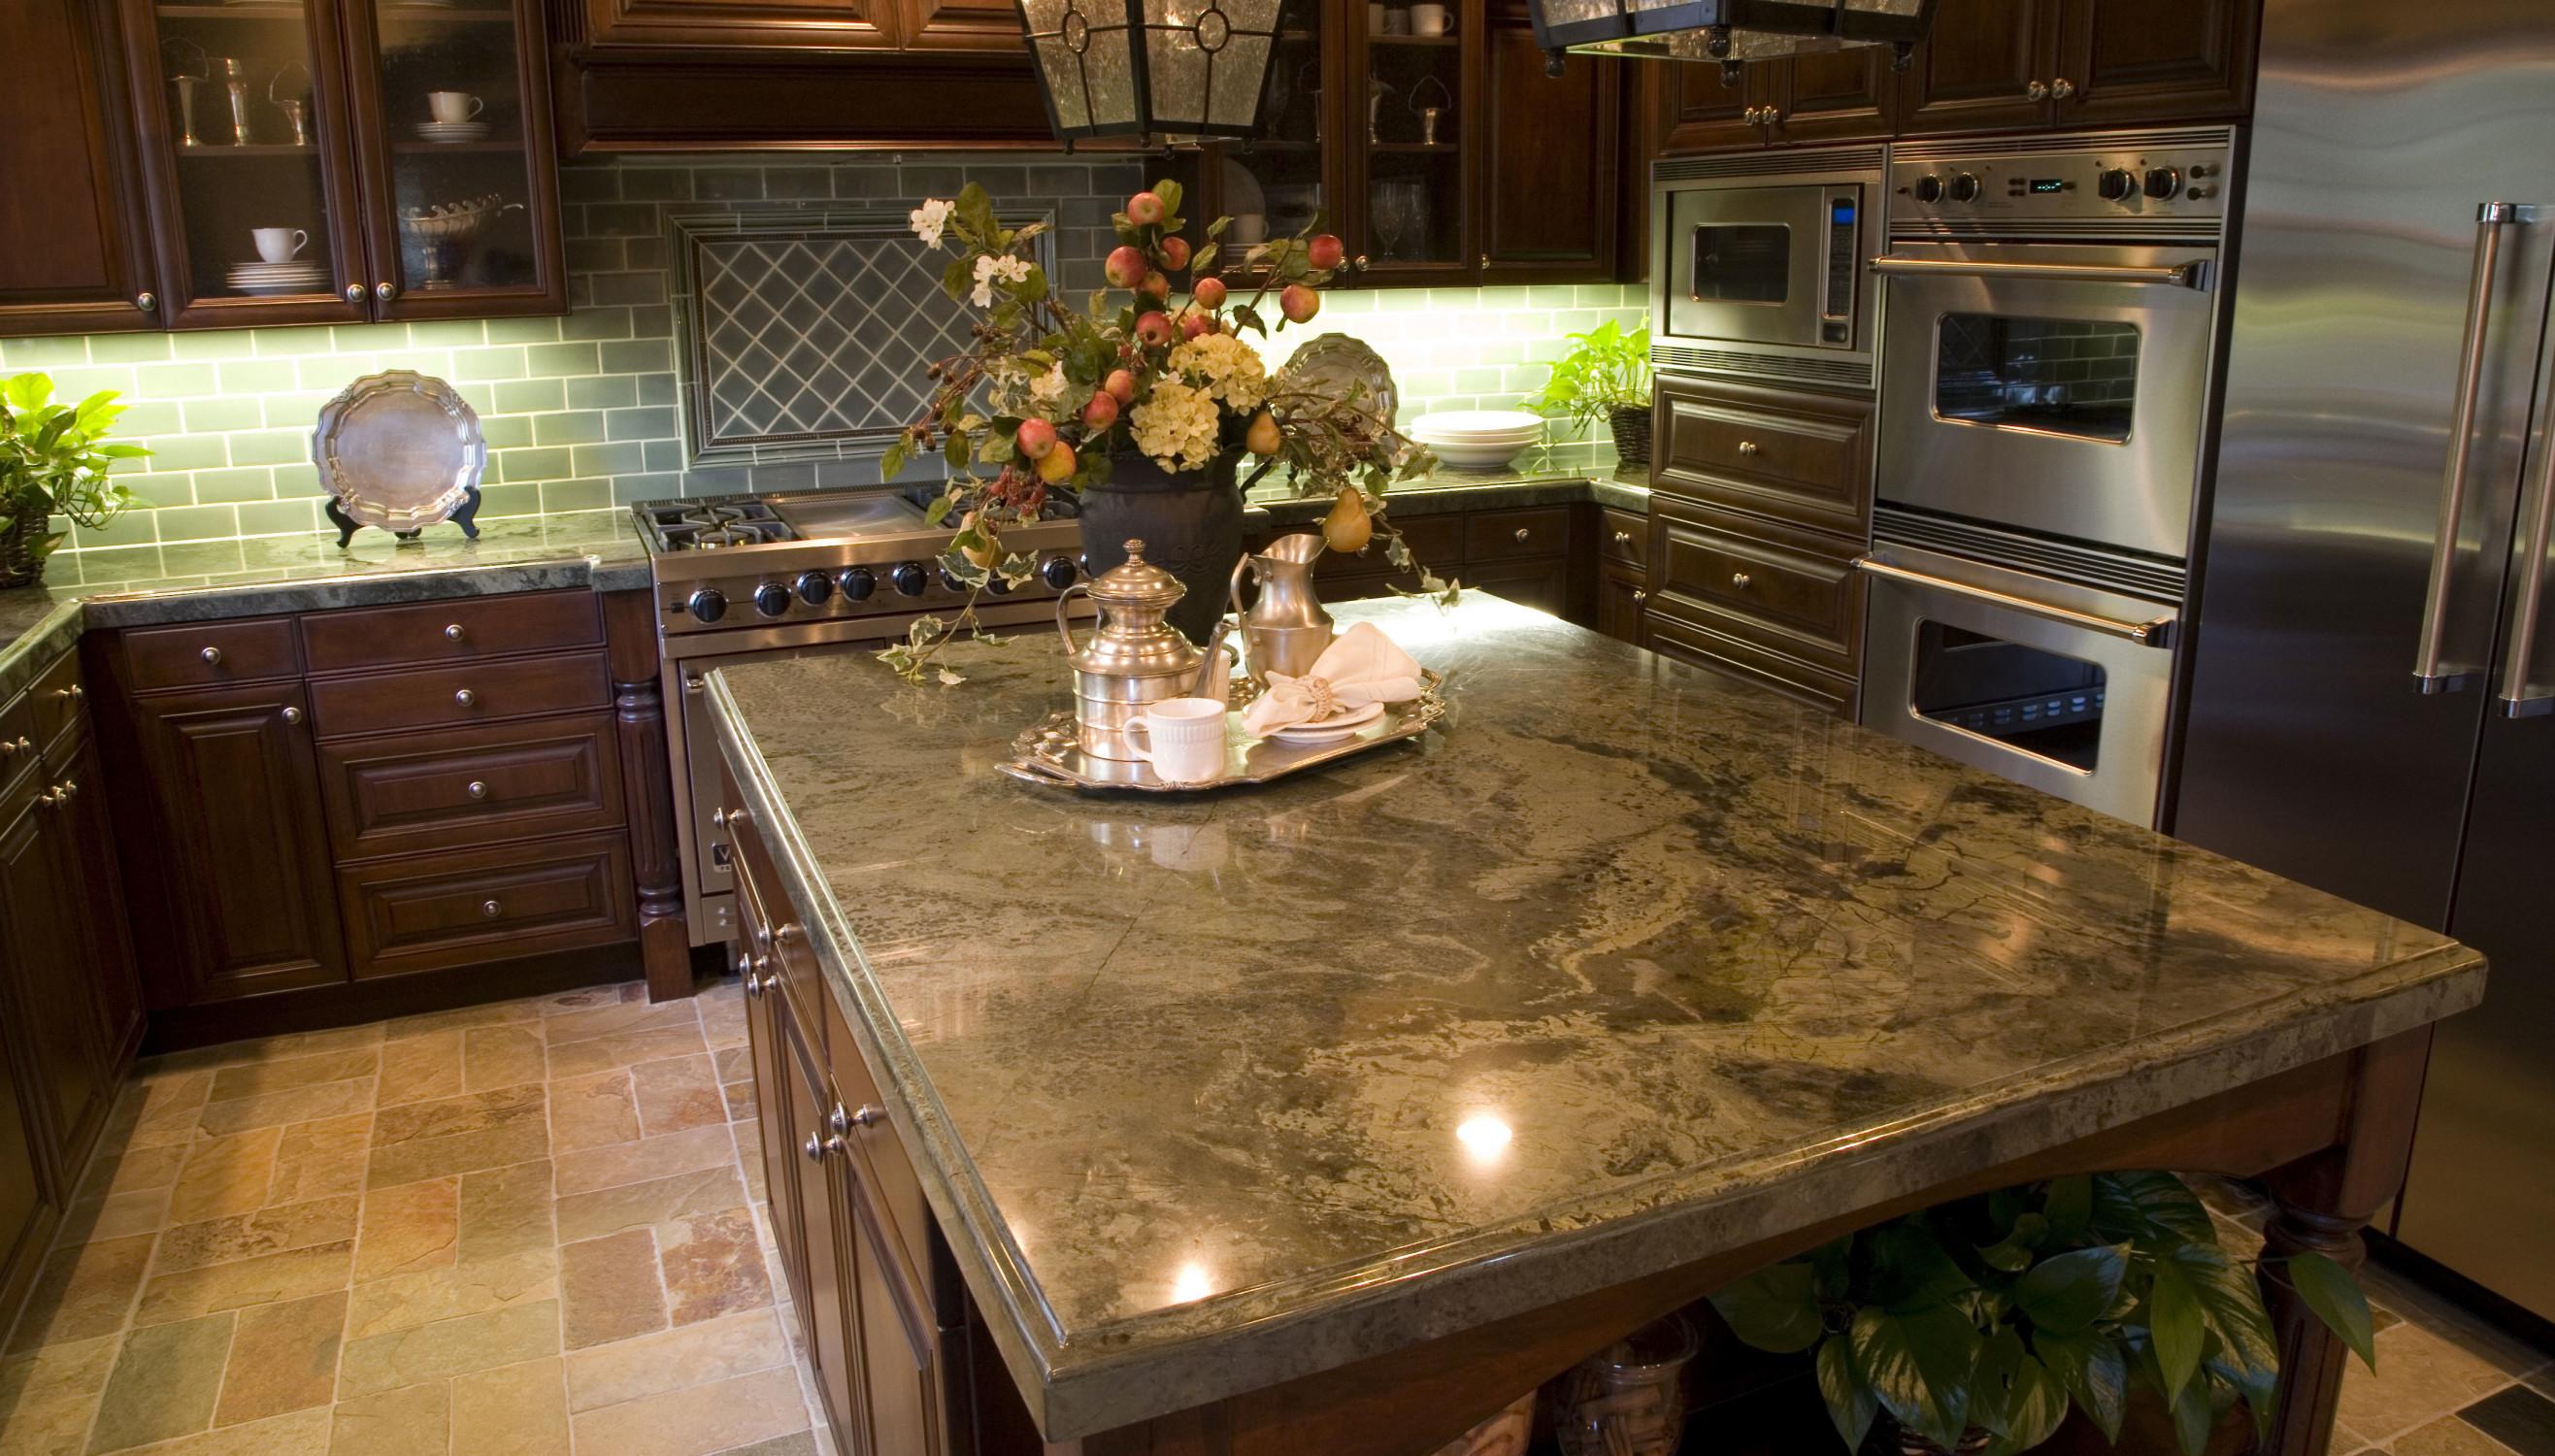 woodinville granite kitchen counter